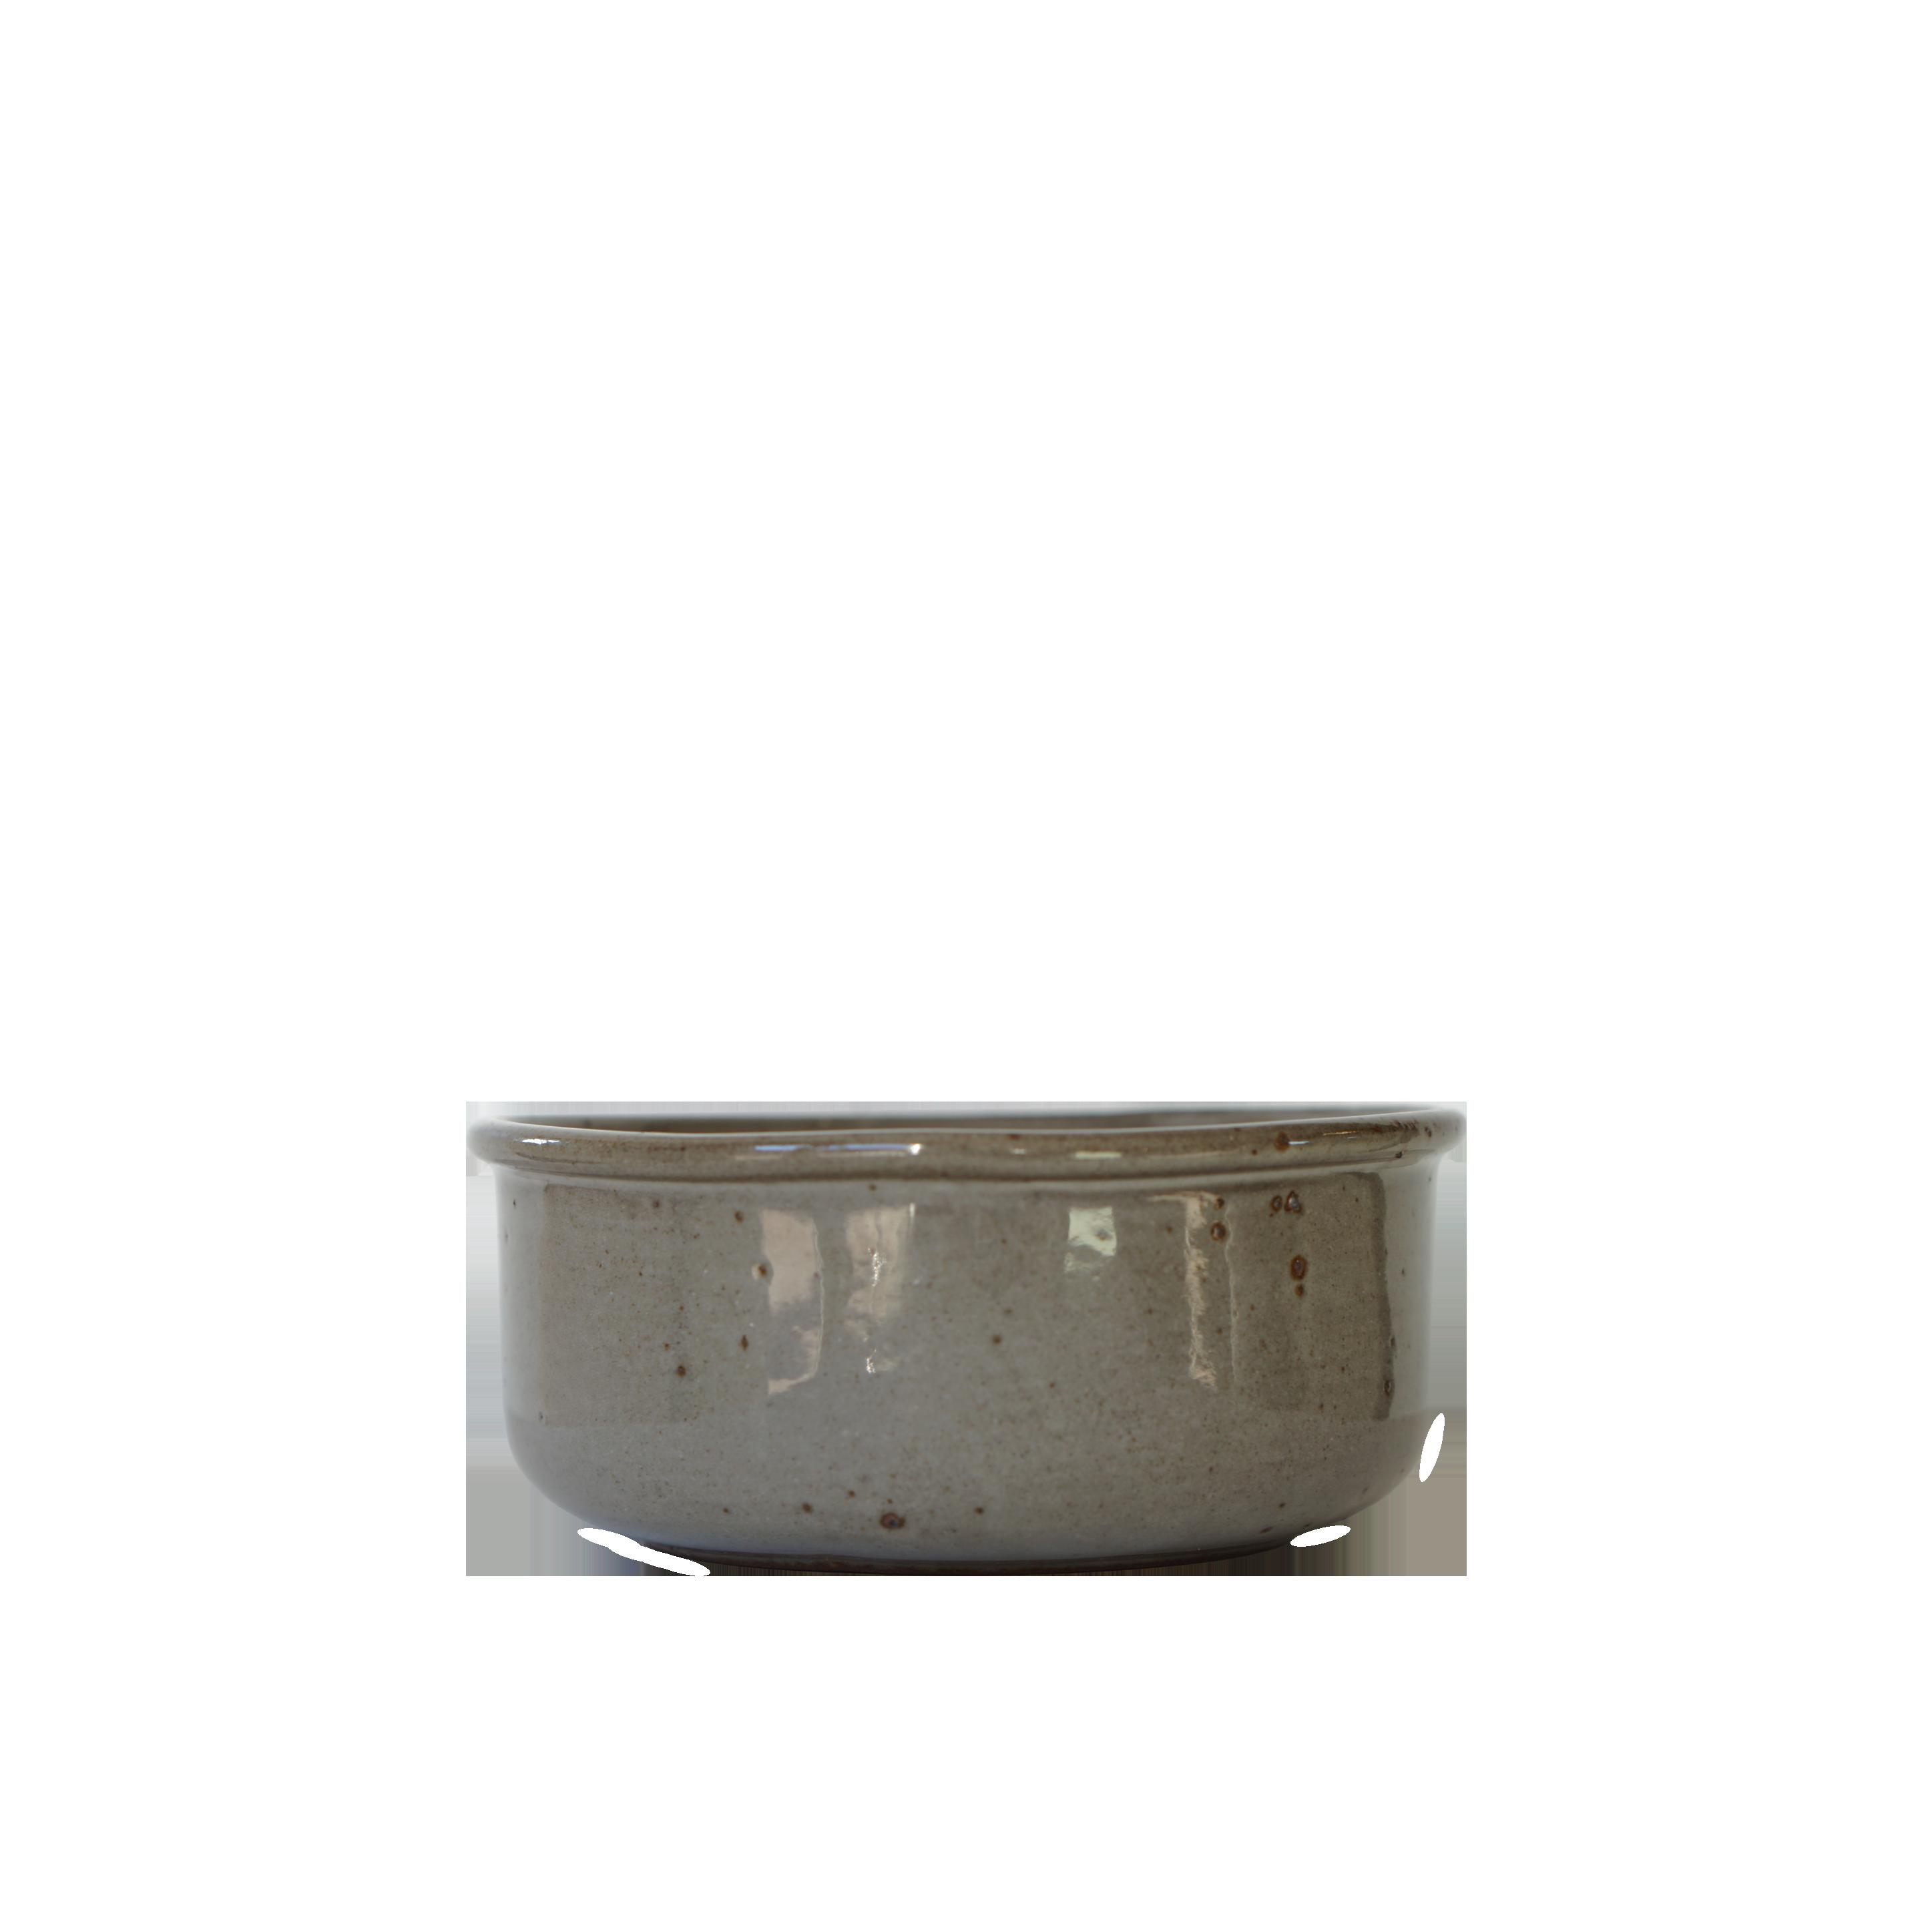 DBKD Pinch bowl large